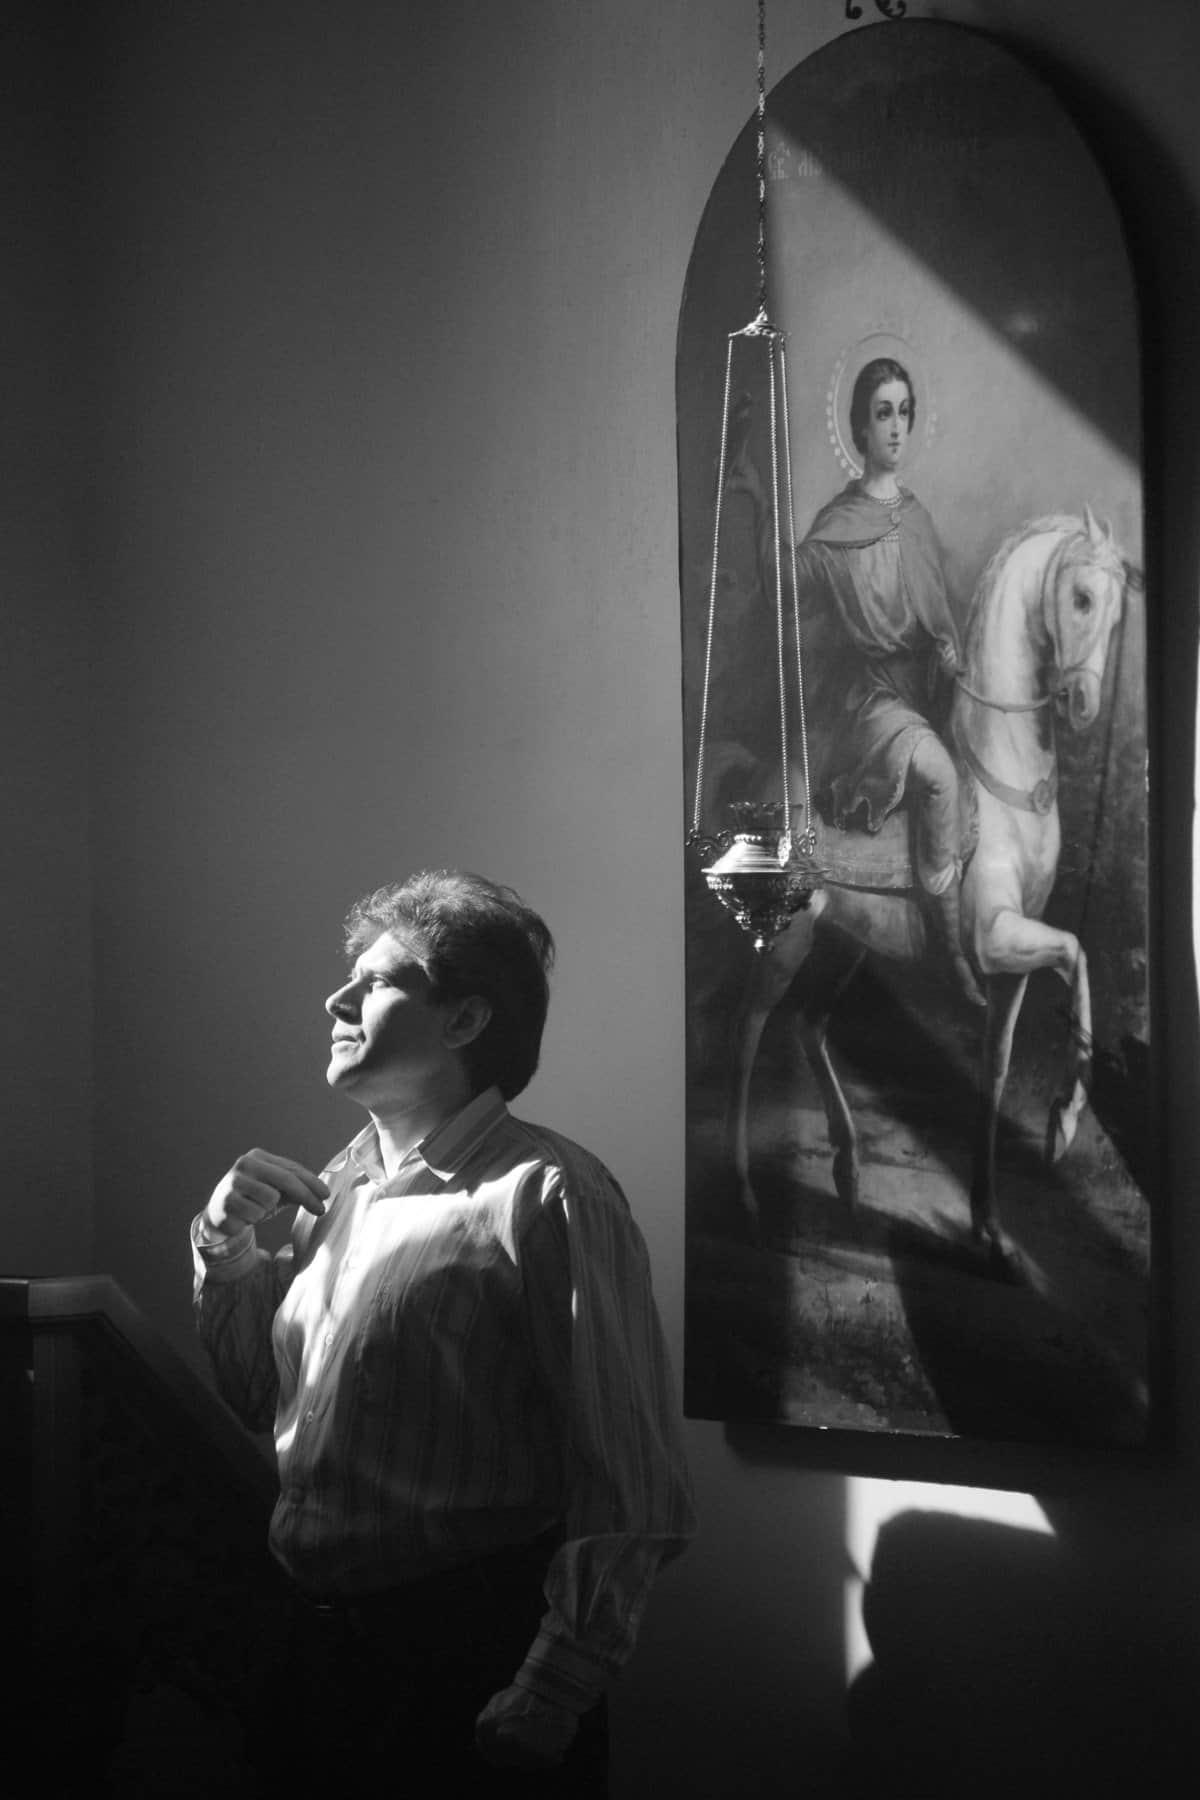 Где найти рецепт покаяния? – разговор со священником